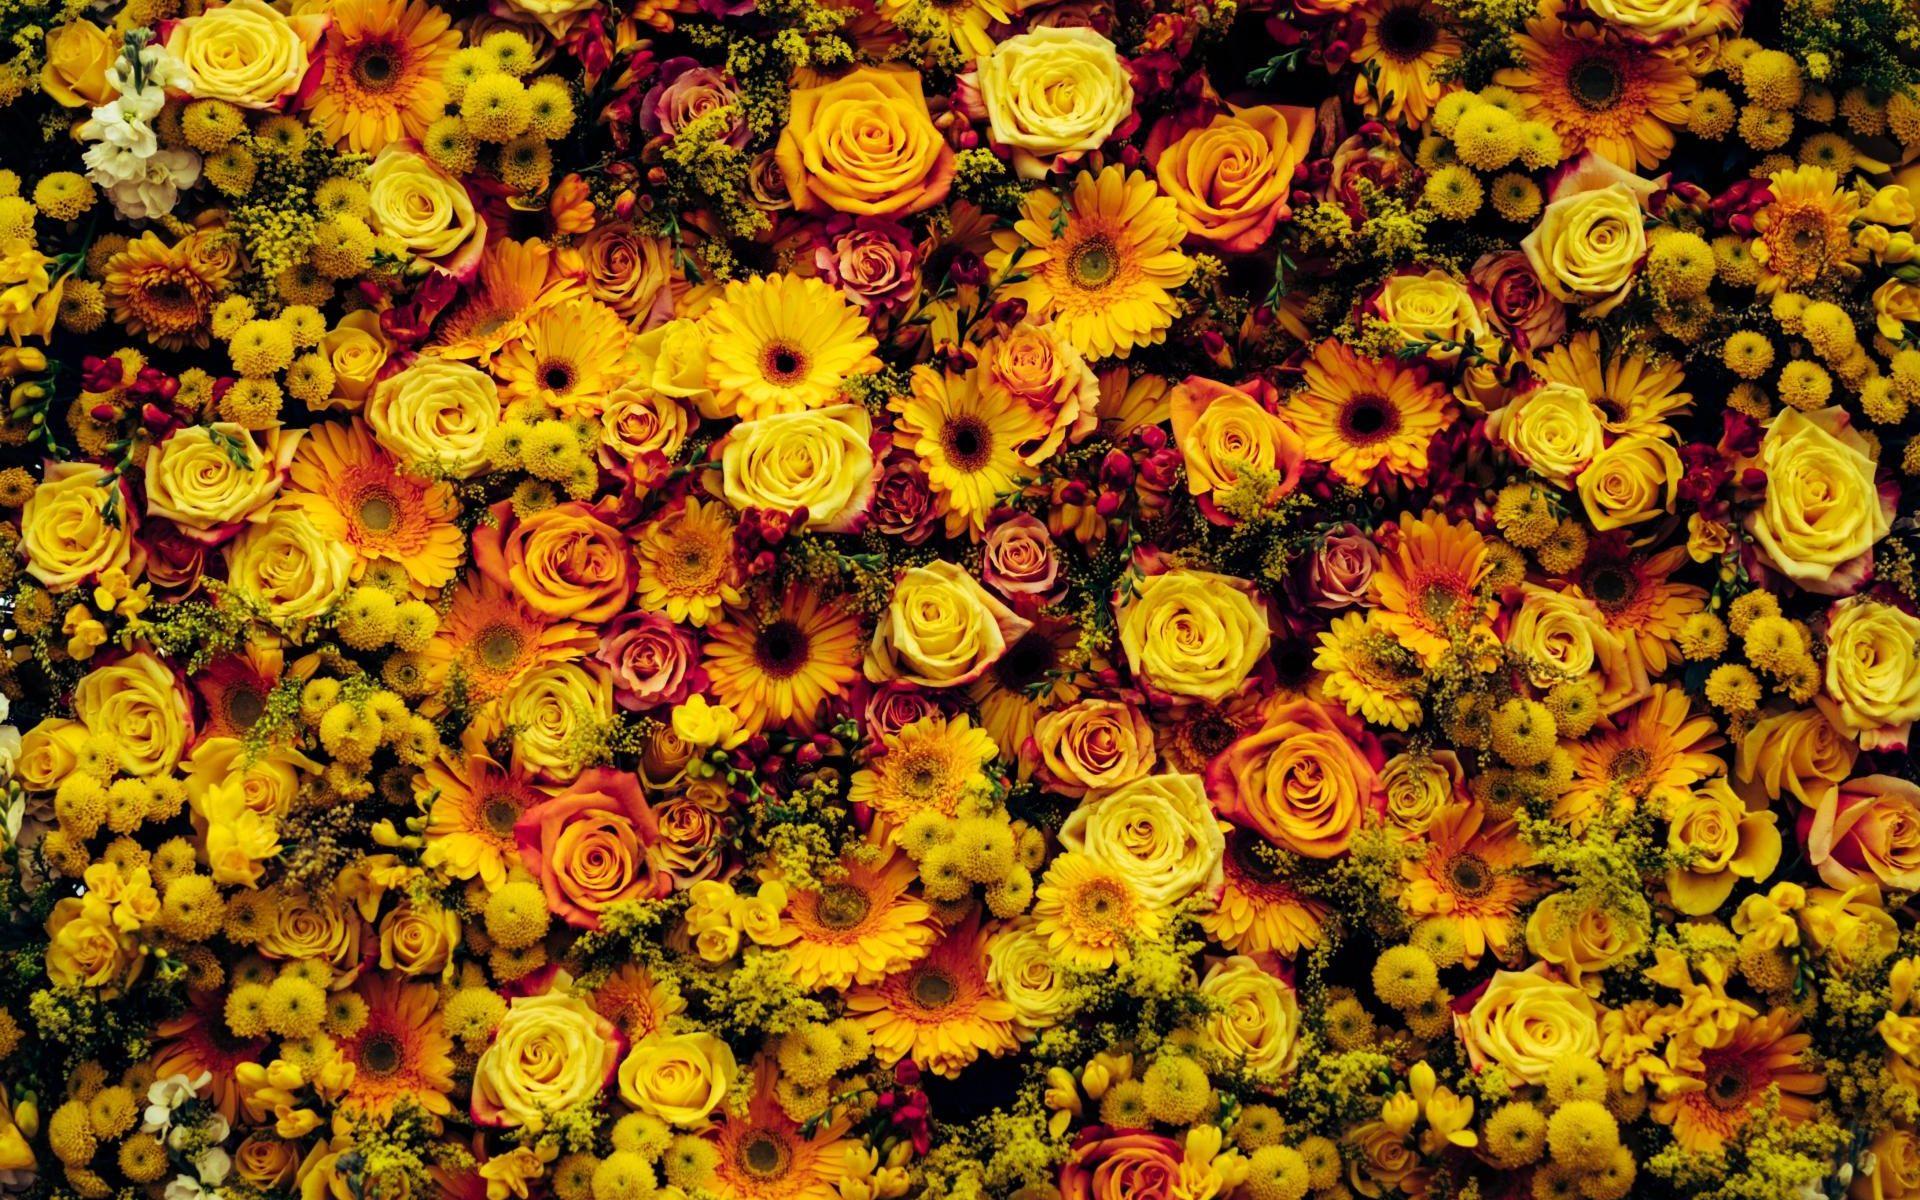 Ein orange farbenes und gelbes Blütenmeer